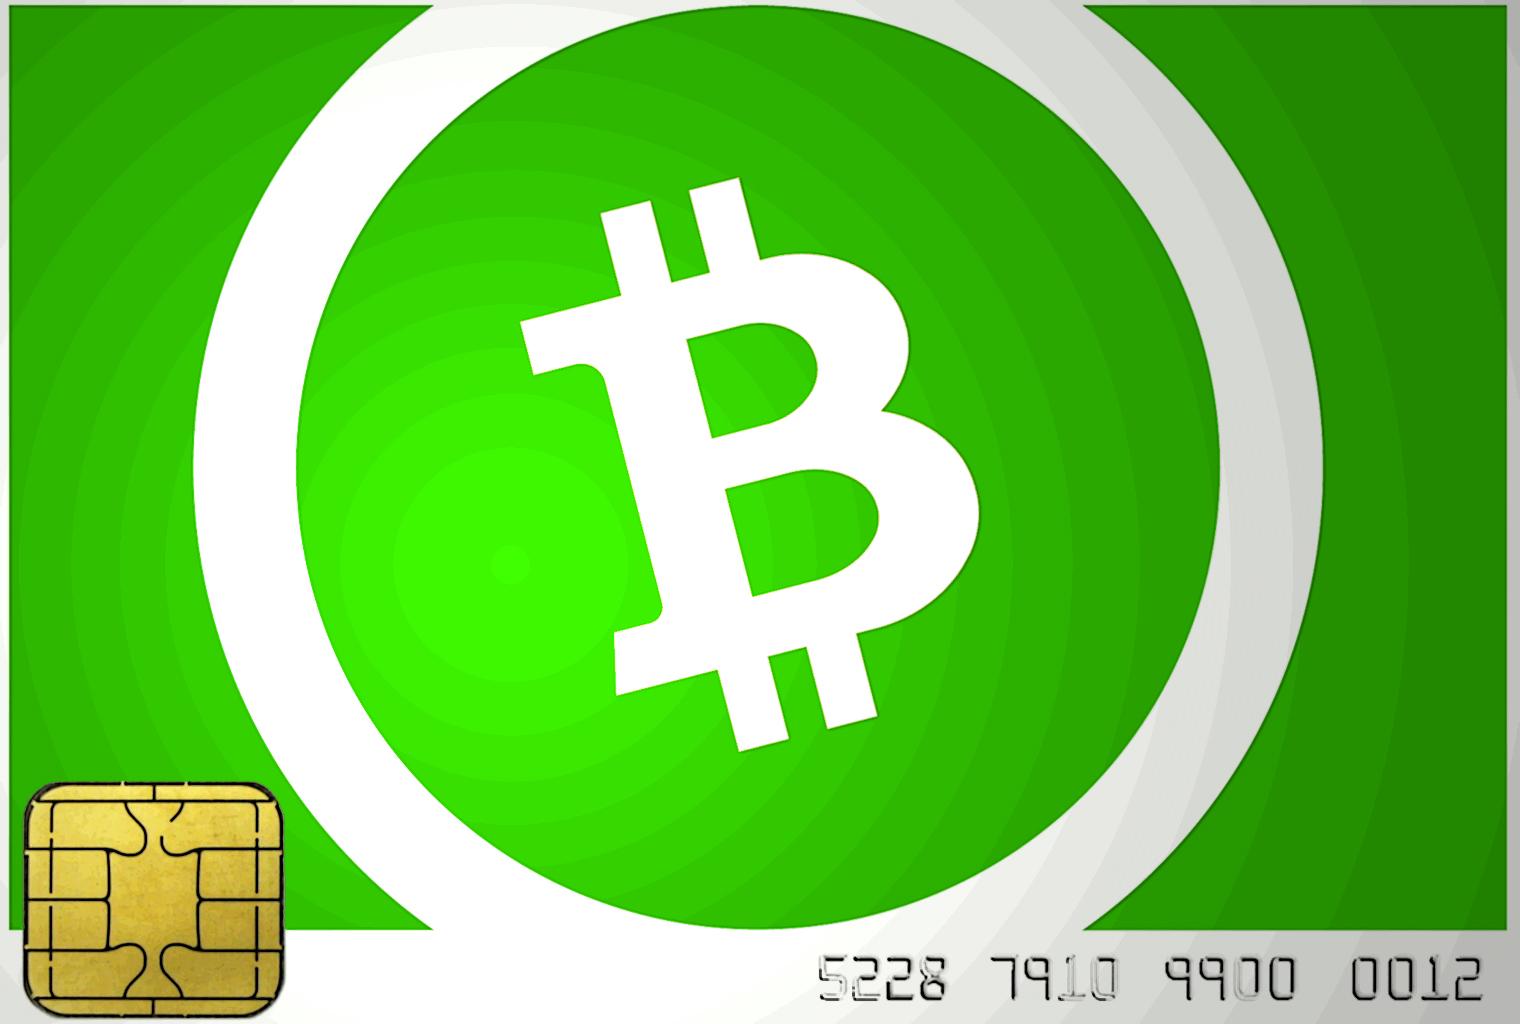 Tarjeta inteligente de demostración de desarrolladores que produce firmas en efectivo de Bitcoin